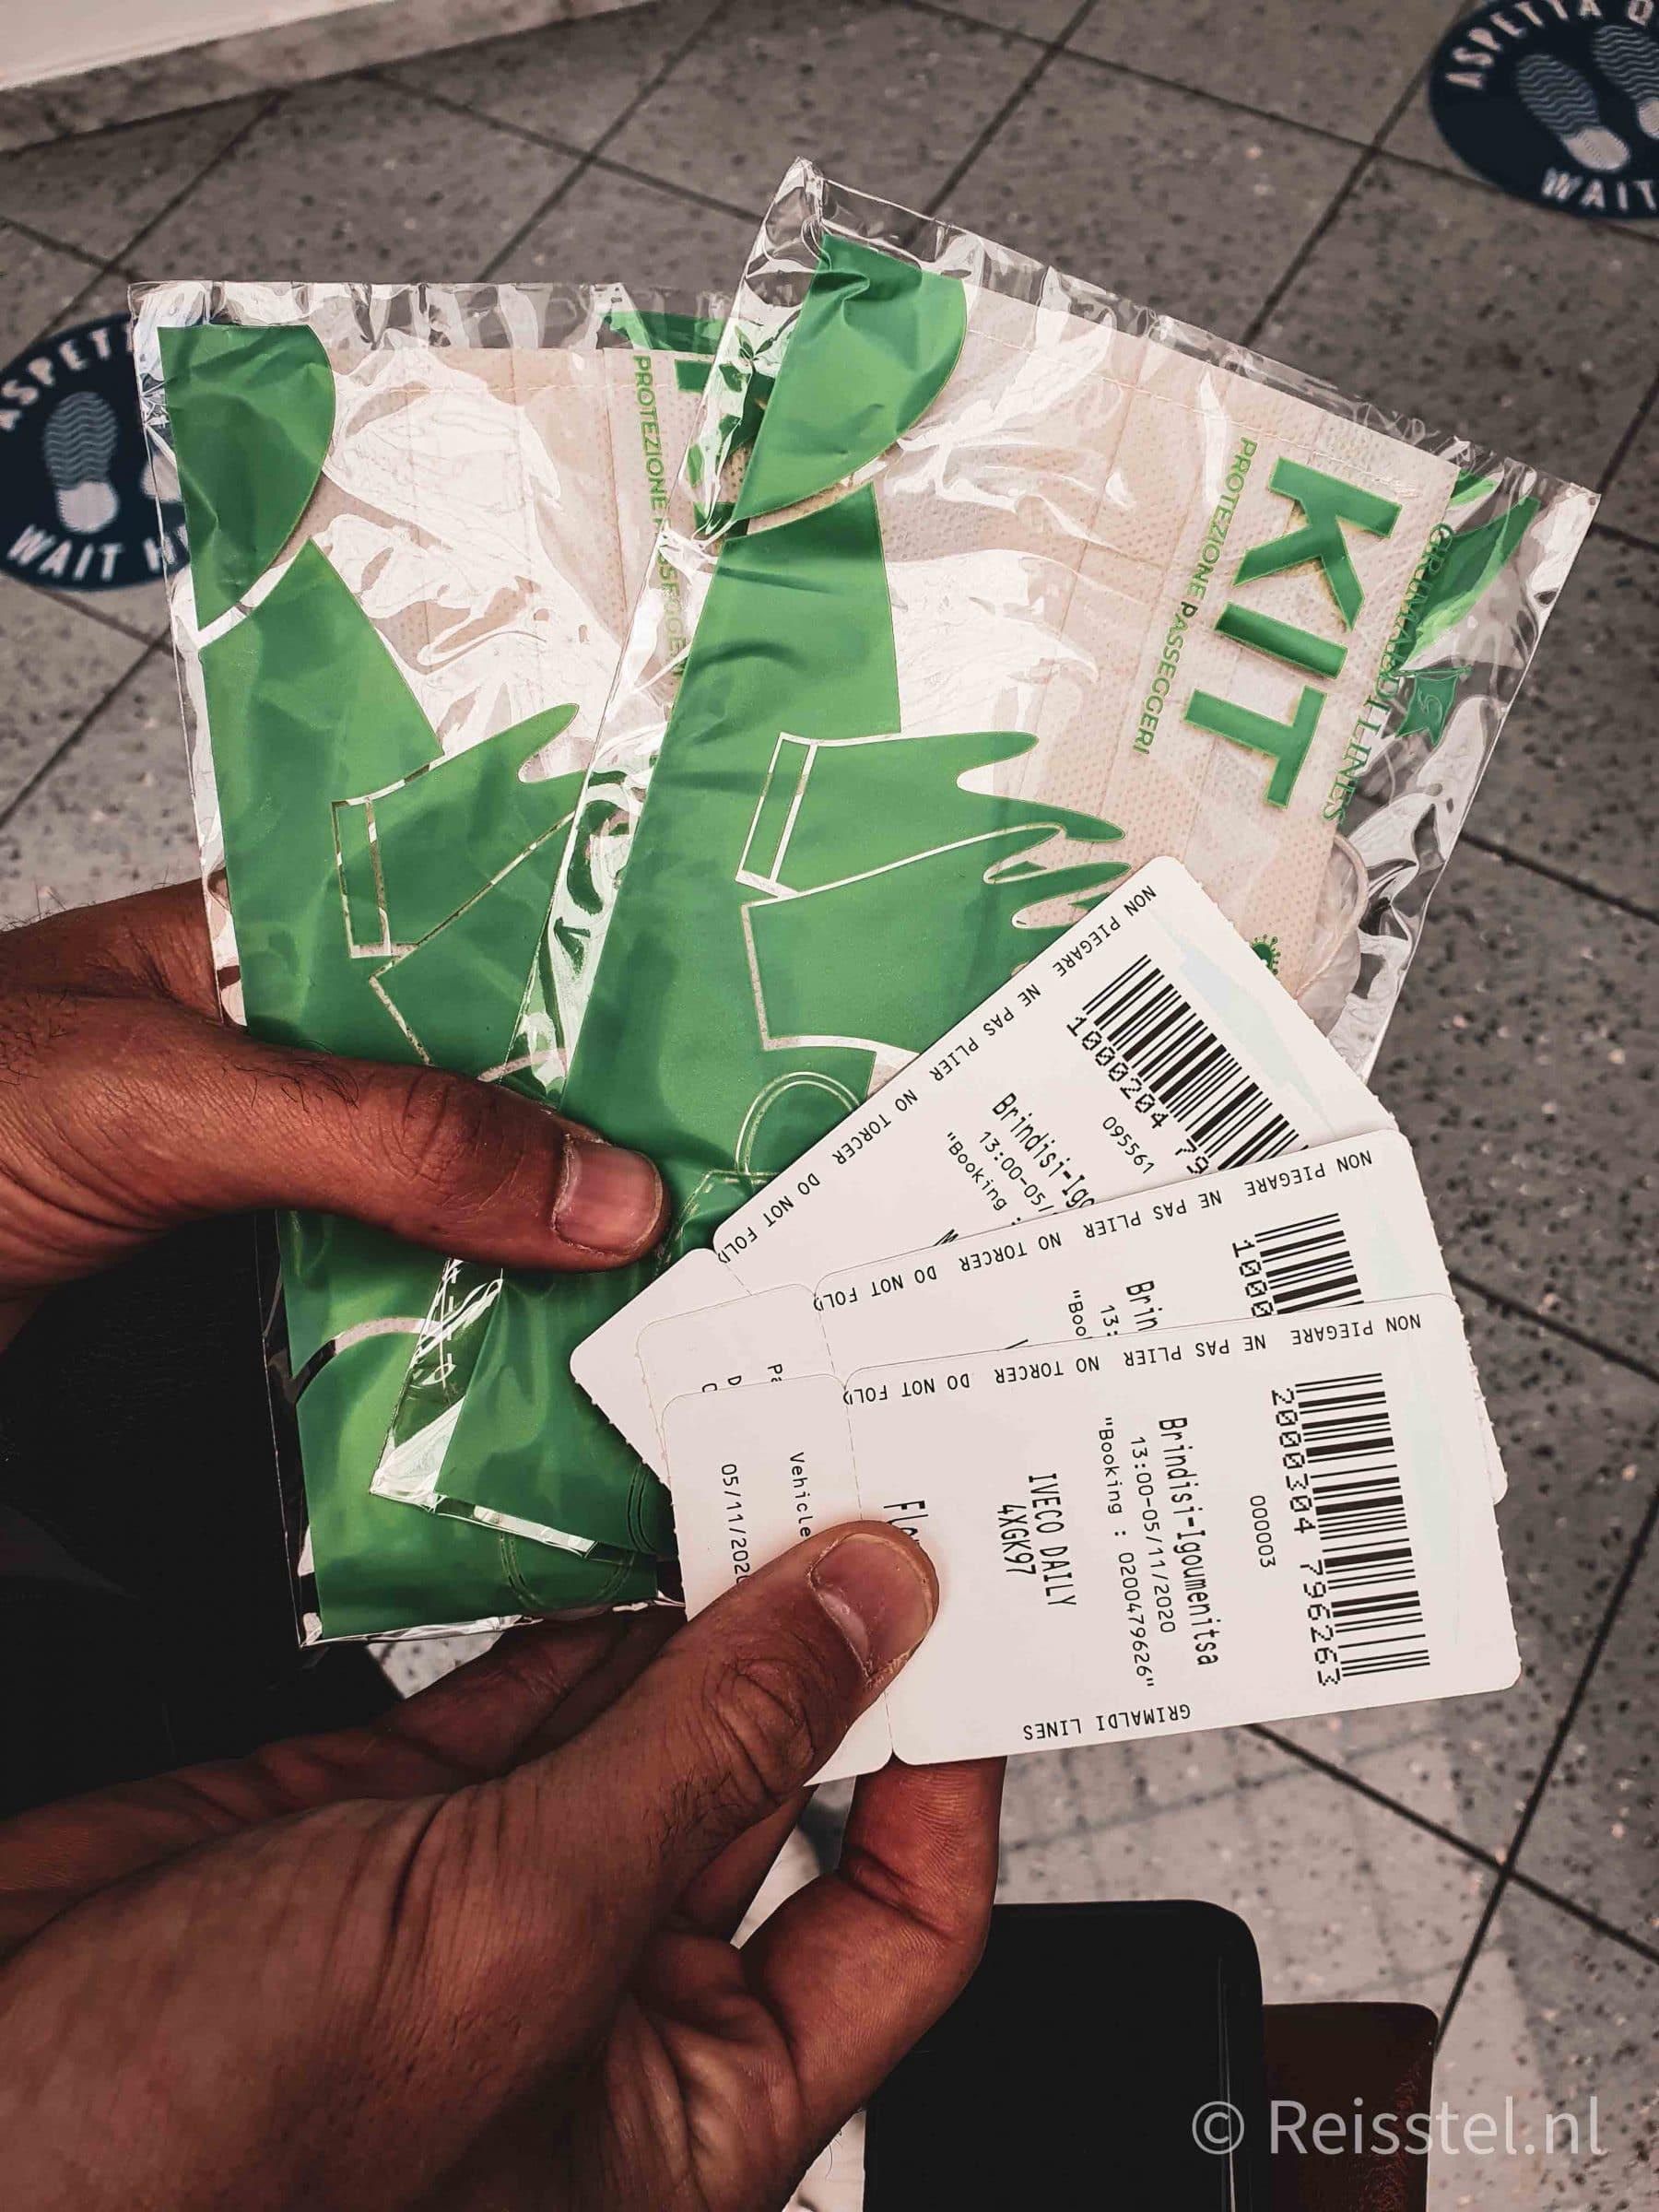 Reisstel.nl | Reizen in coronatijd | tickets boot Griekenland